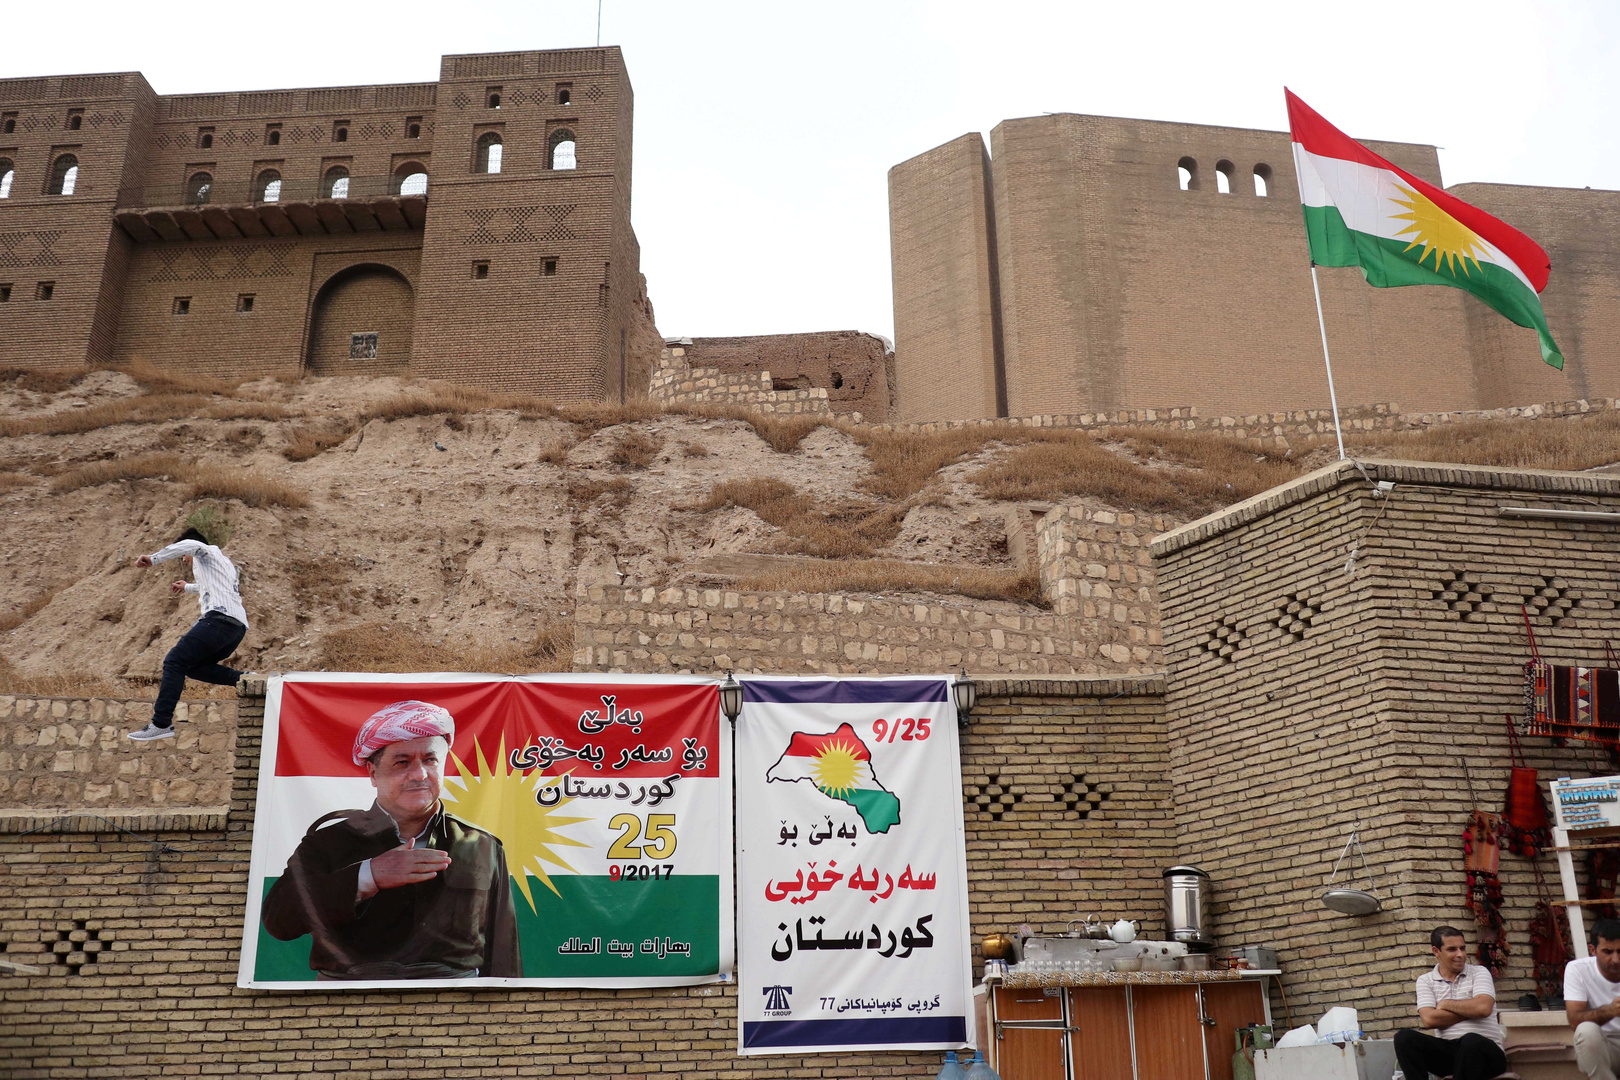 مدينة إربيل- كردستان العراق، صورة من الأرشيف